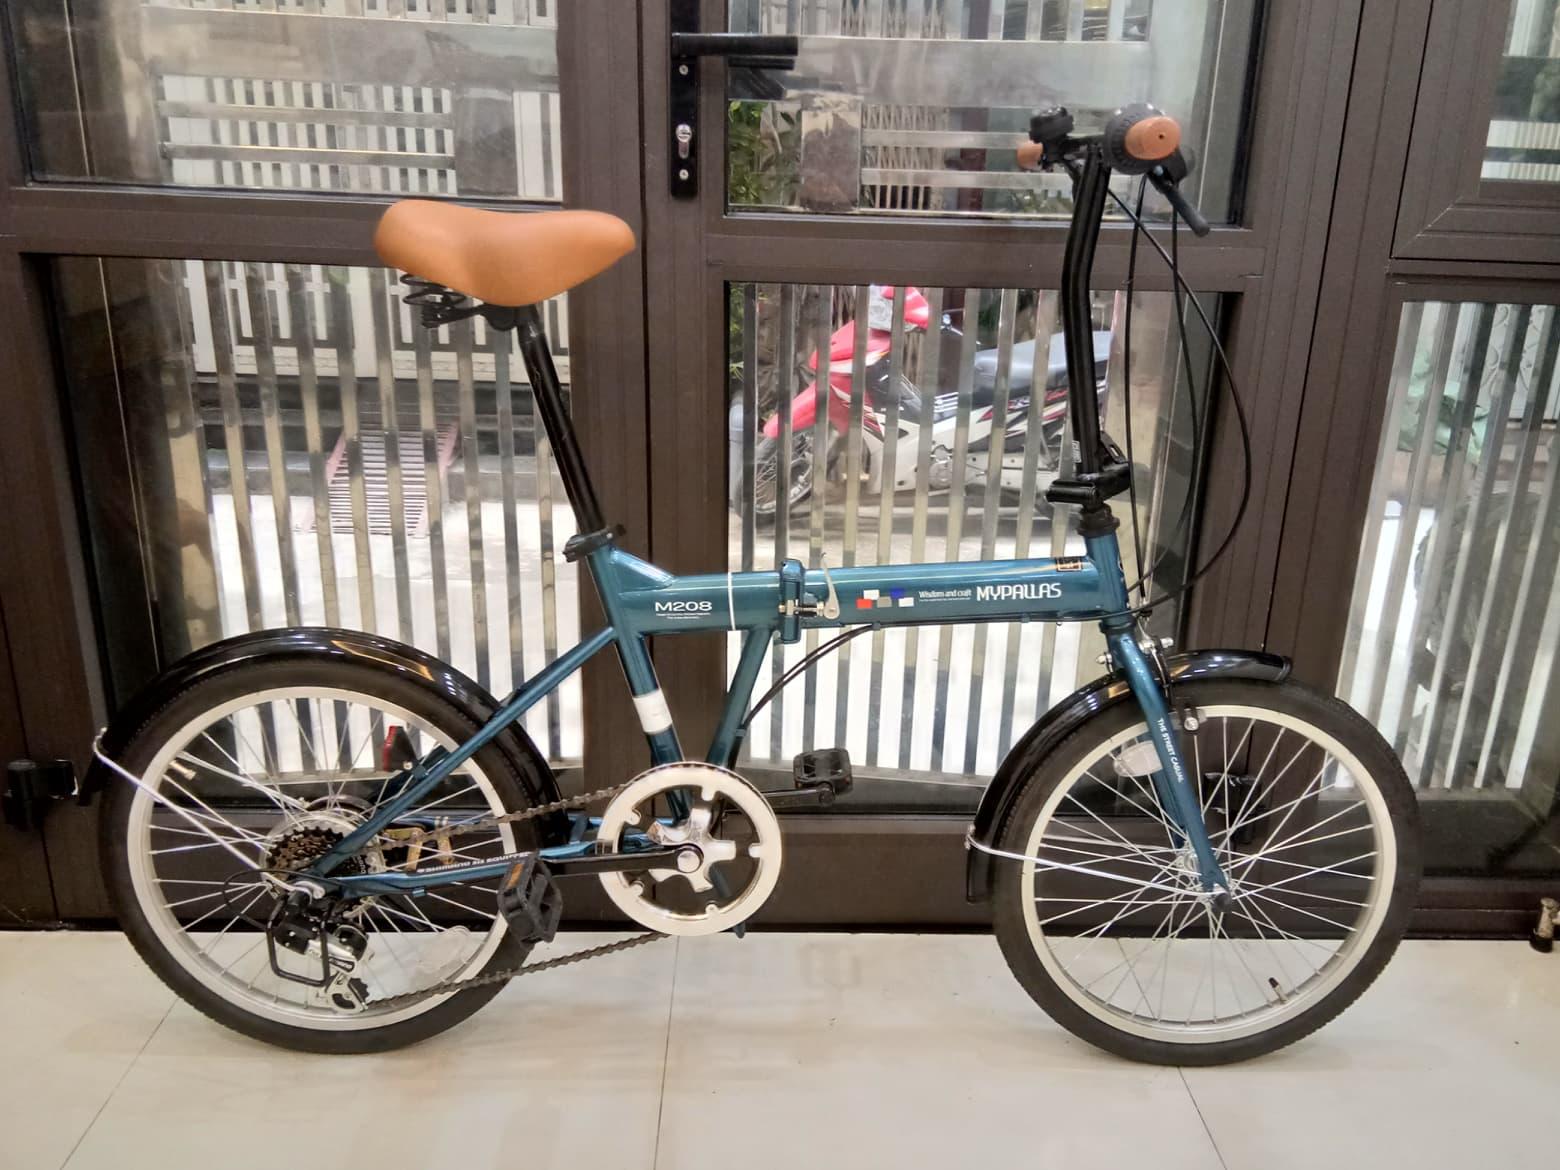 xe-dap-gap-nhat-mypallas-m208-blue